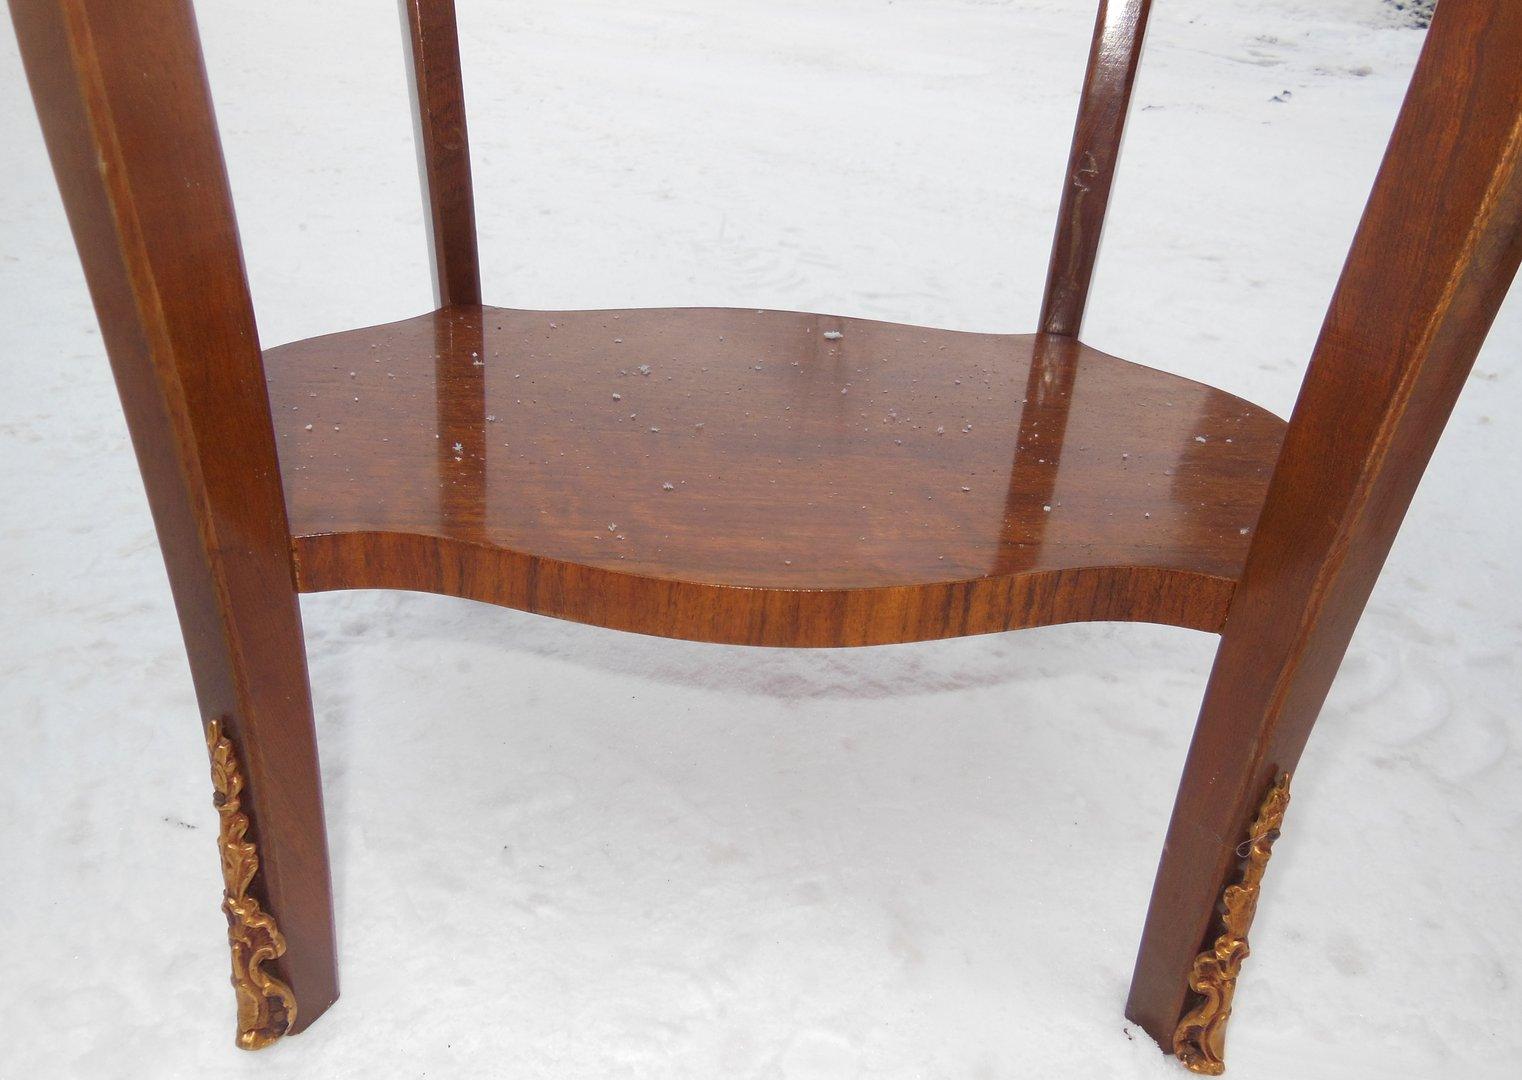 ein couchtisch nussbaum von 2 beistelltischchen franz sischer stil antik m bel antiquit ten. Black Bedroom Furniture Sets. Home Design Ideas